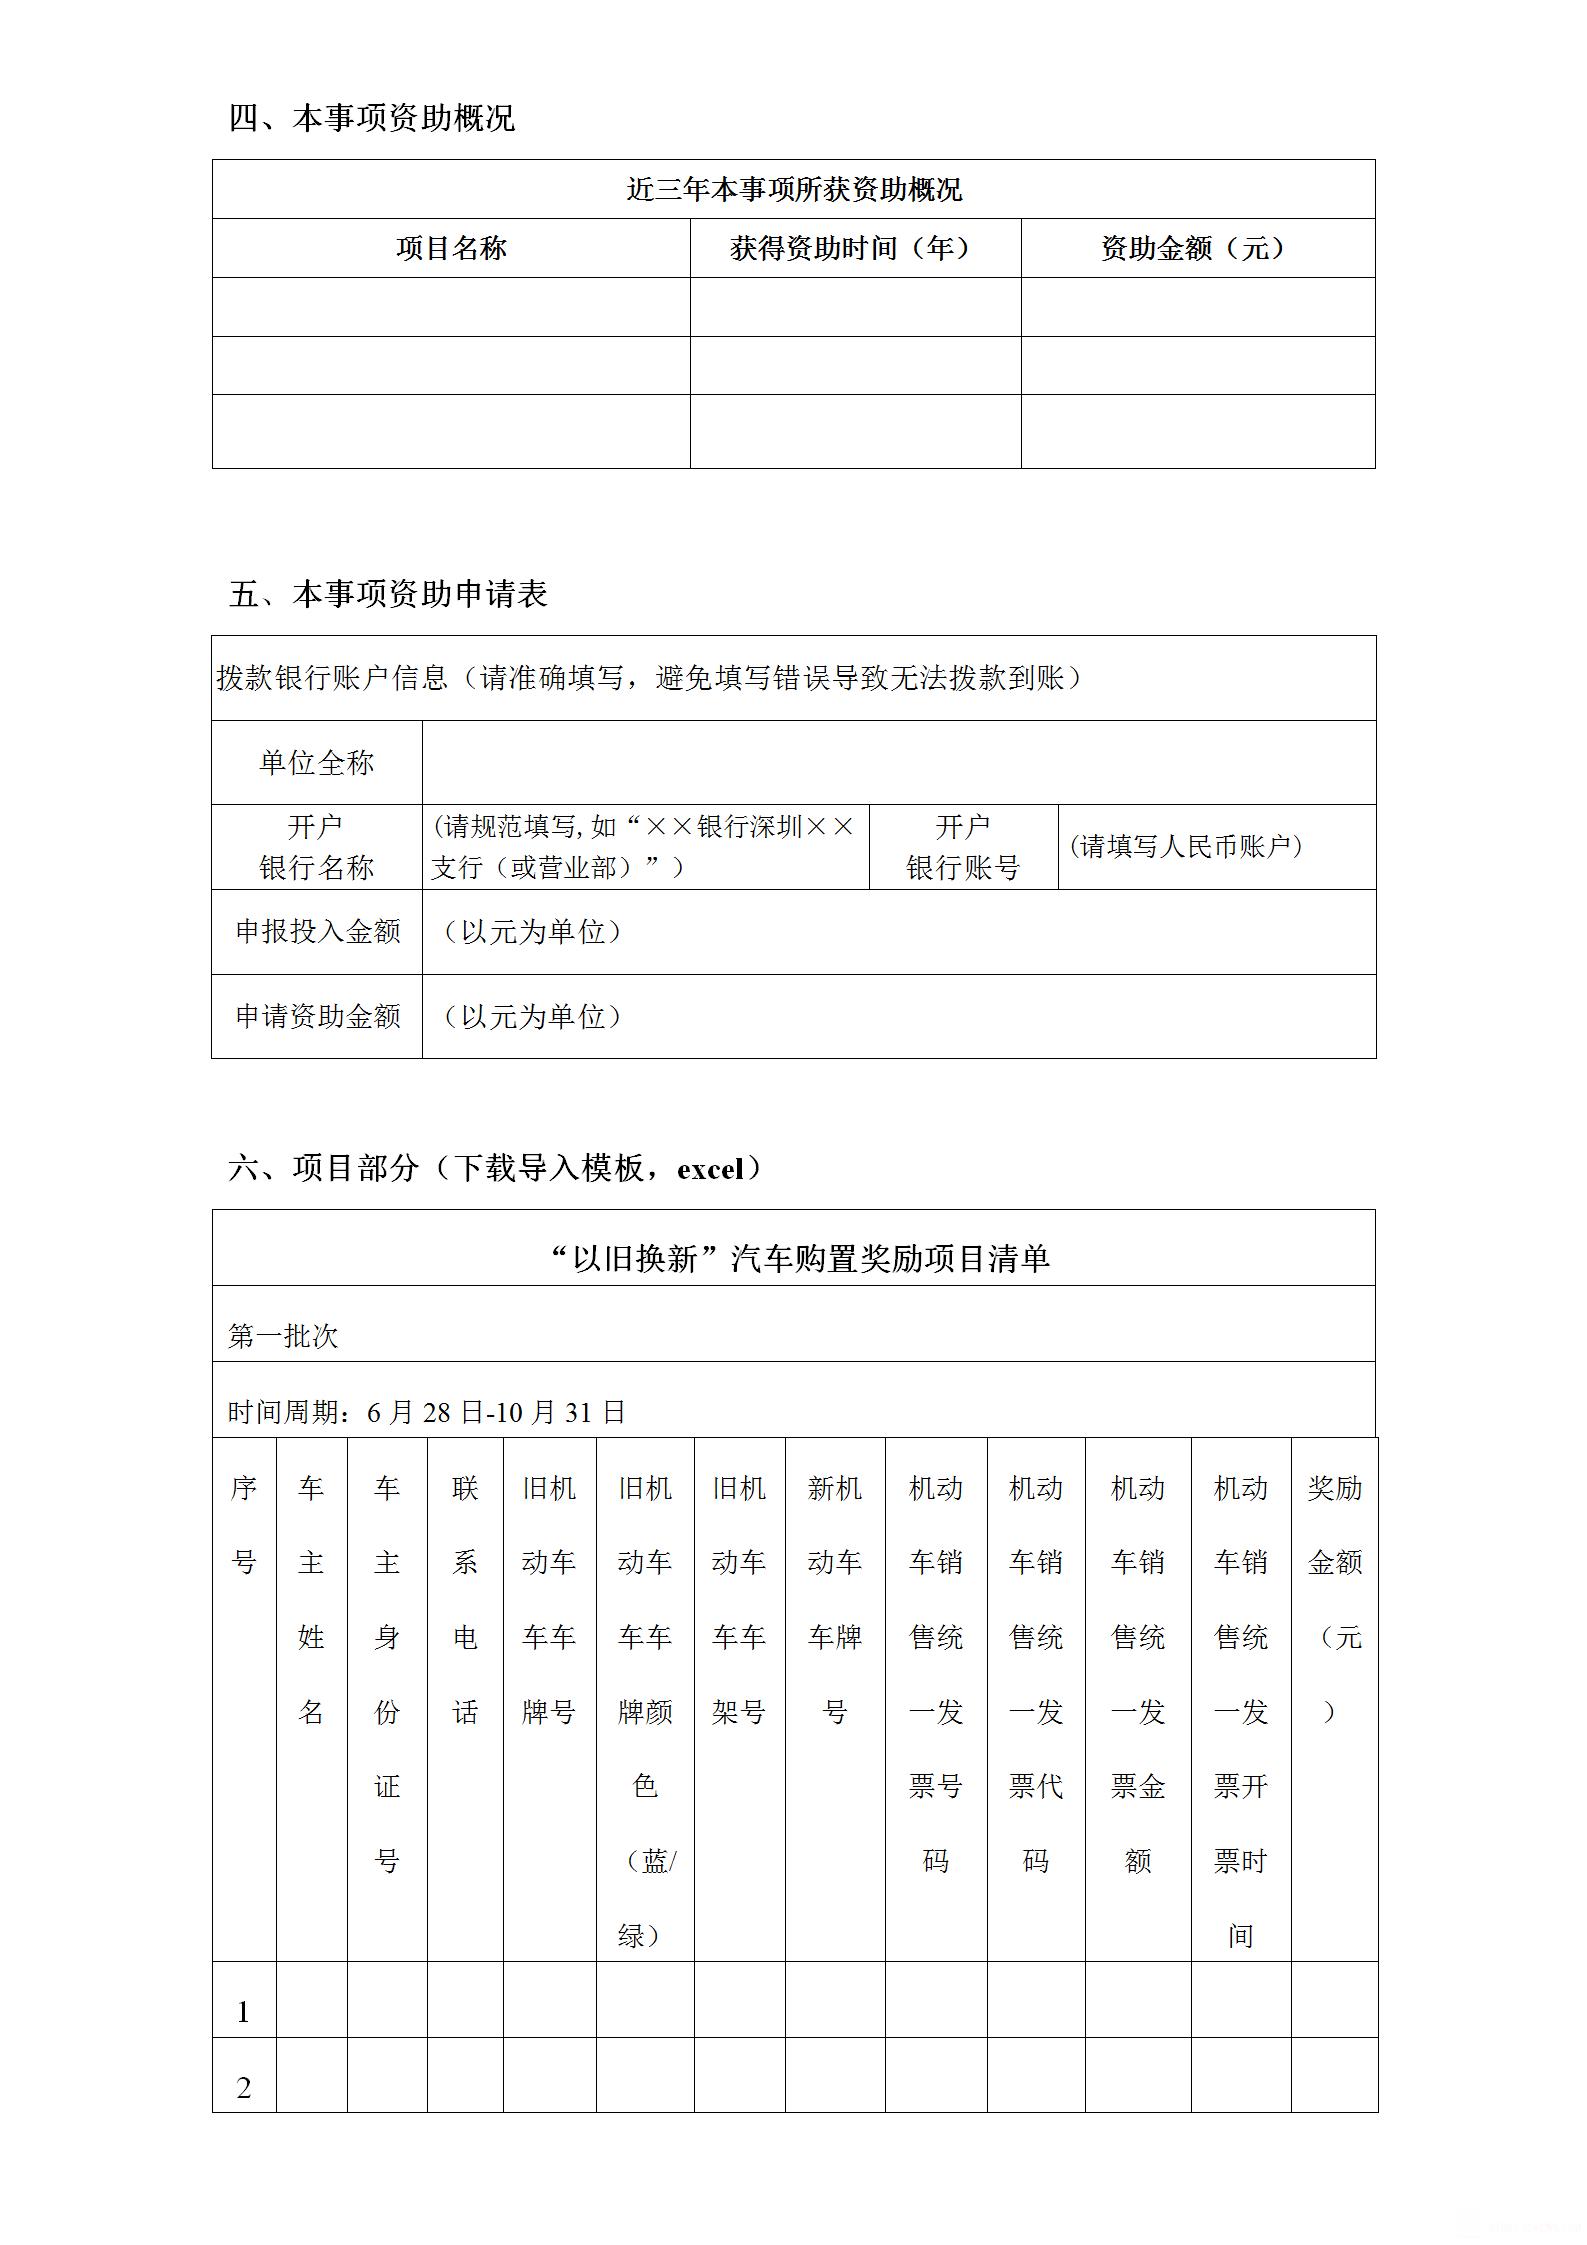 """深圳市2020年度""""以旧换新""""汽车购置奖励项目申请书_06.png"""